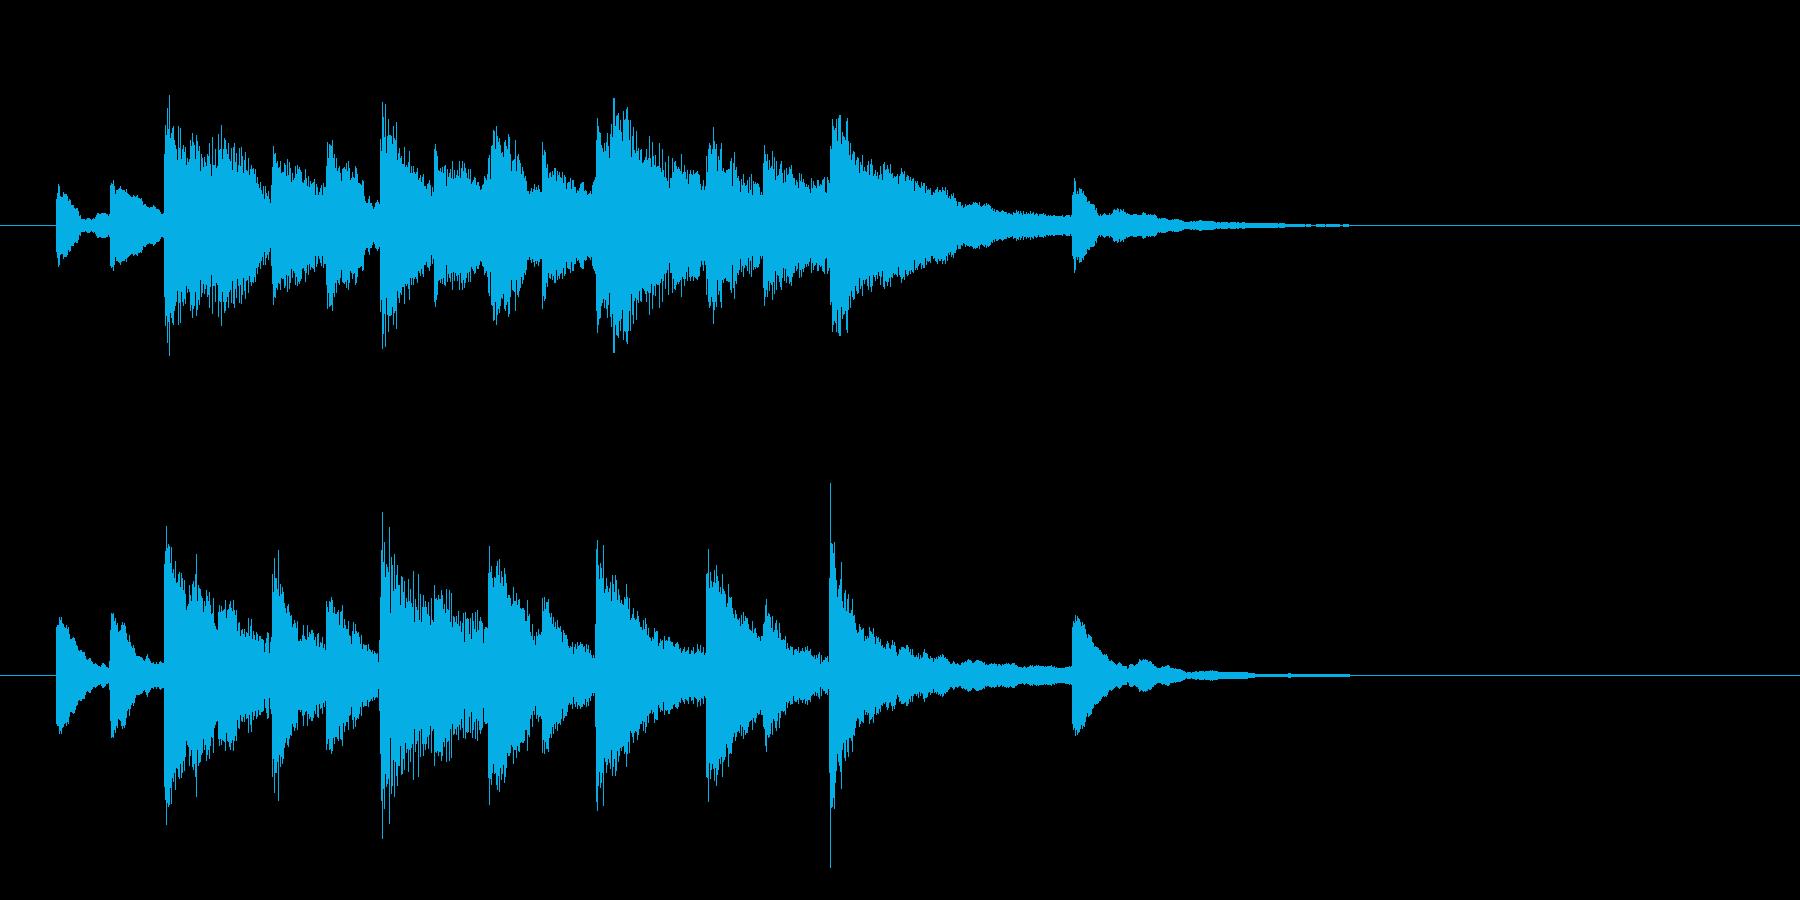 ゲームオーバーの悲しいジングルの再生済みの波形